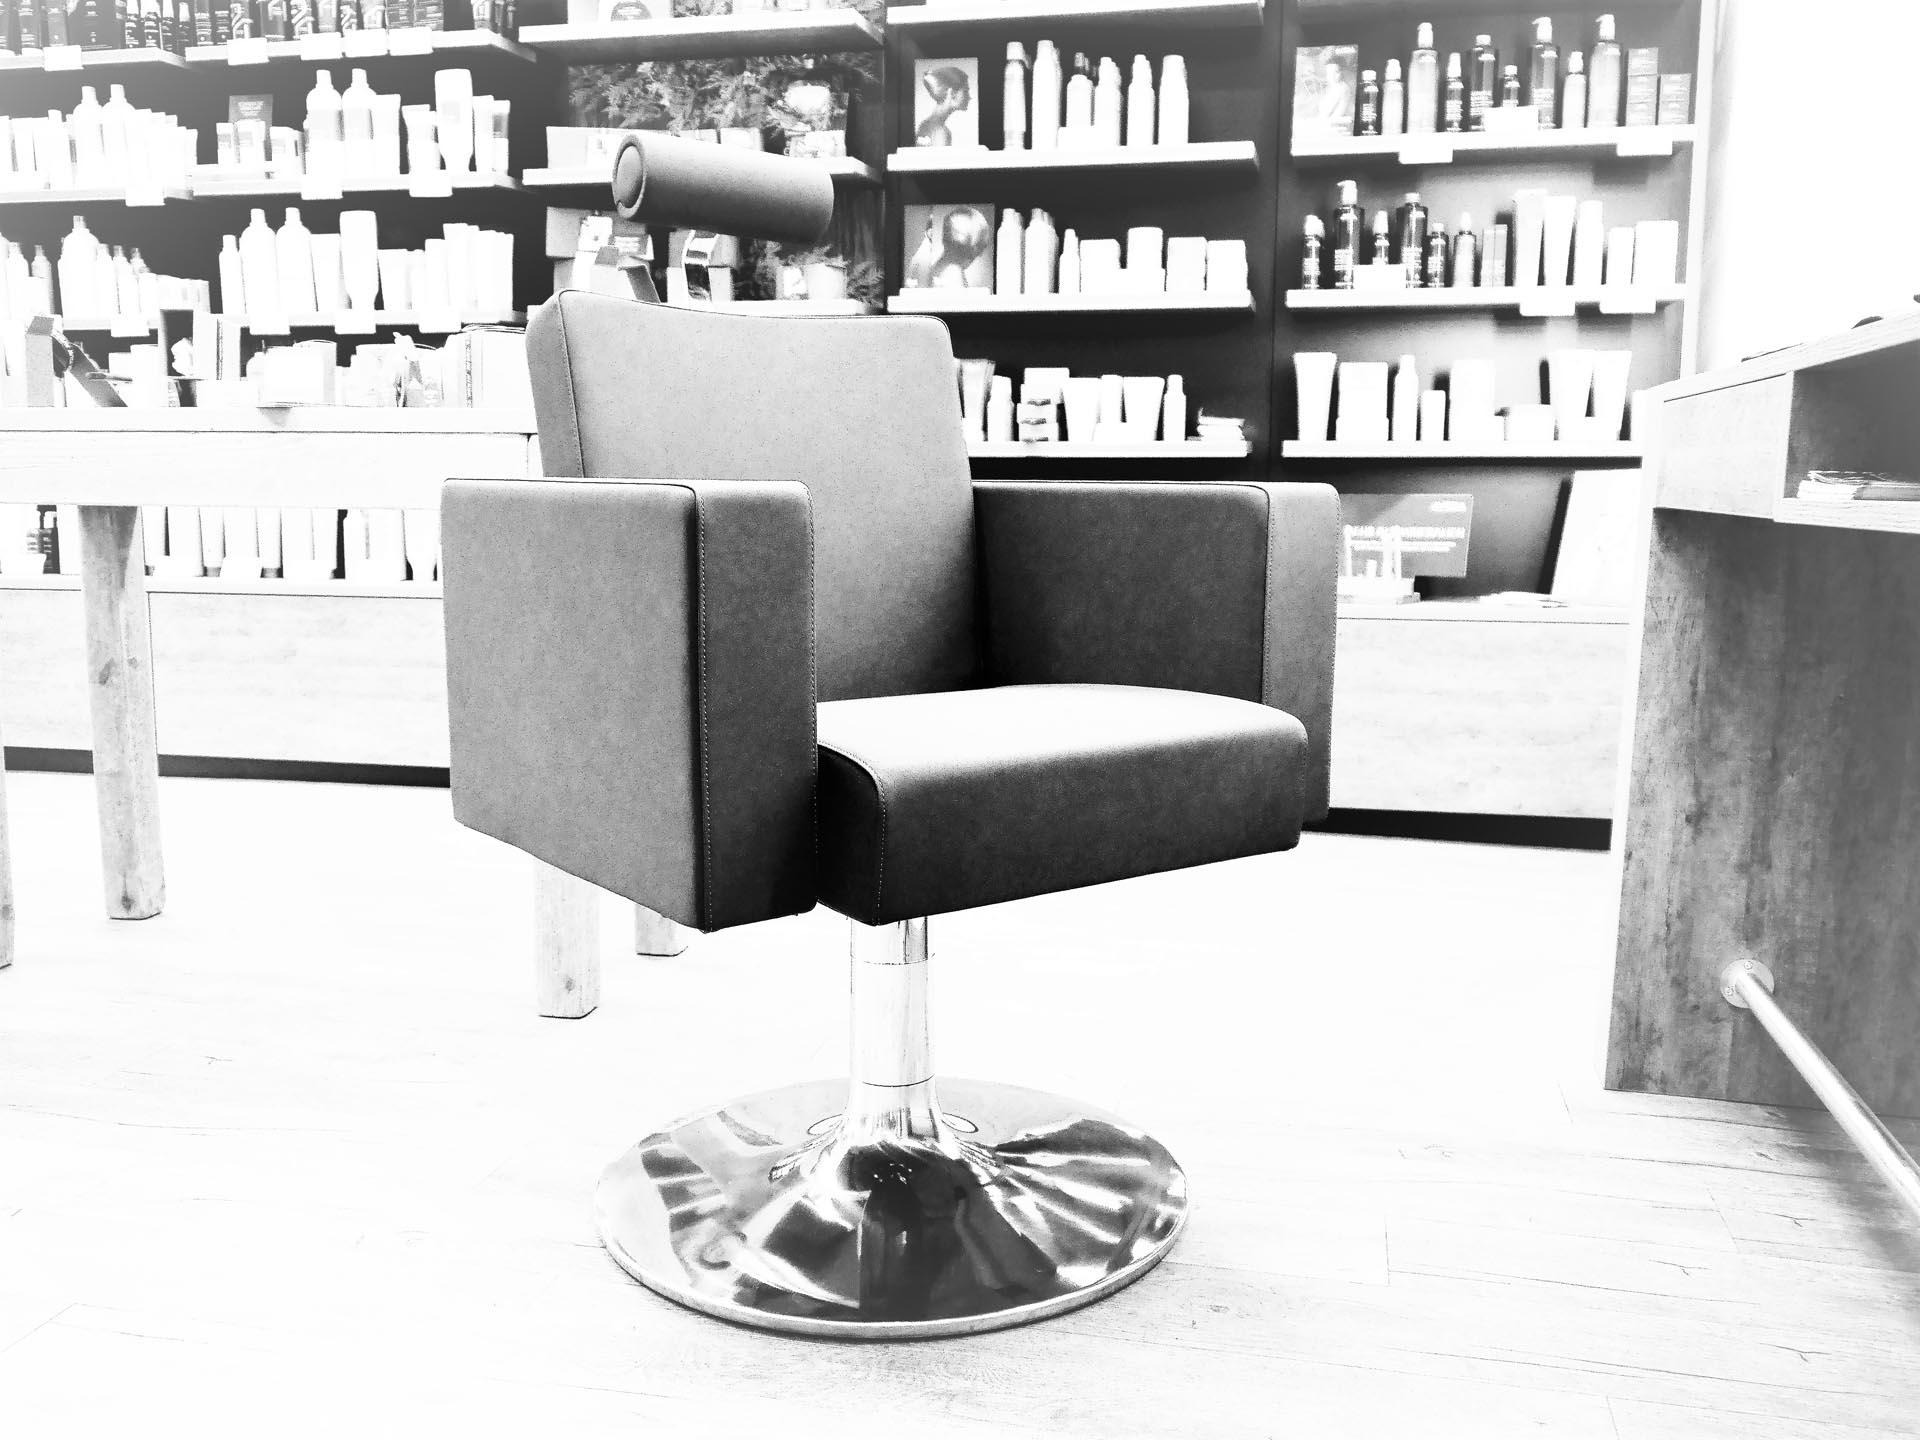 Der Salon – Dobberstein Fotografie